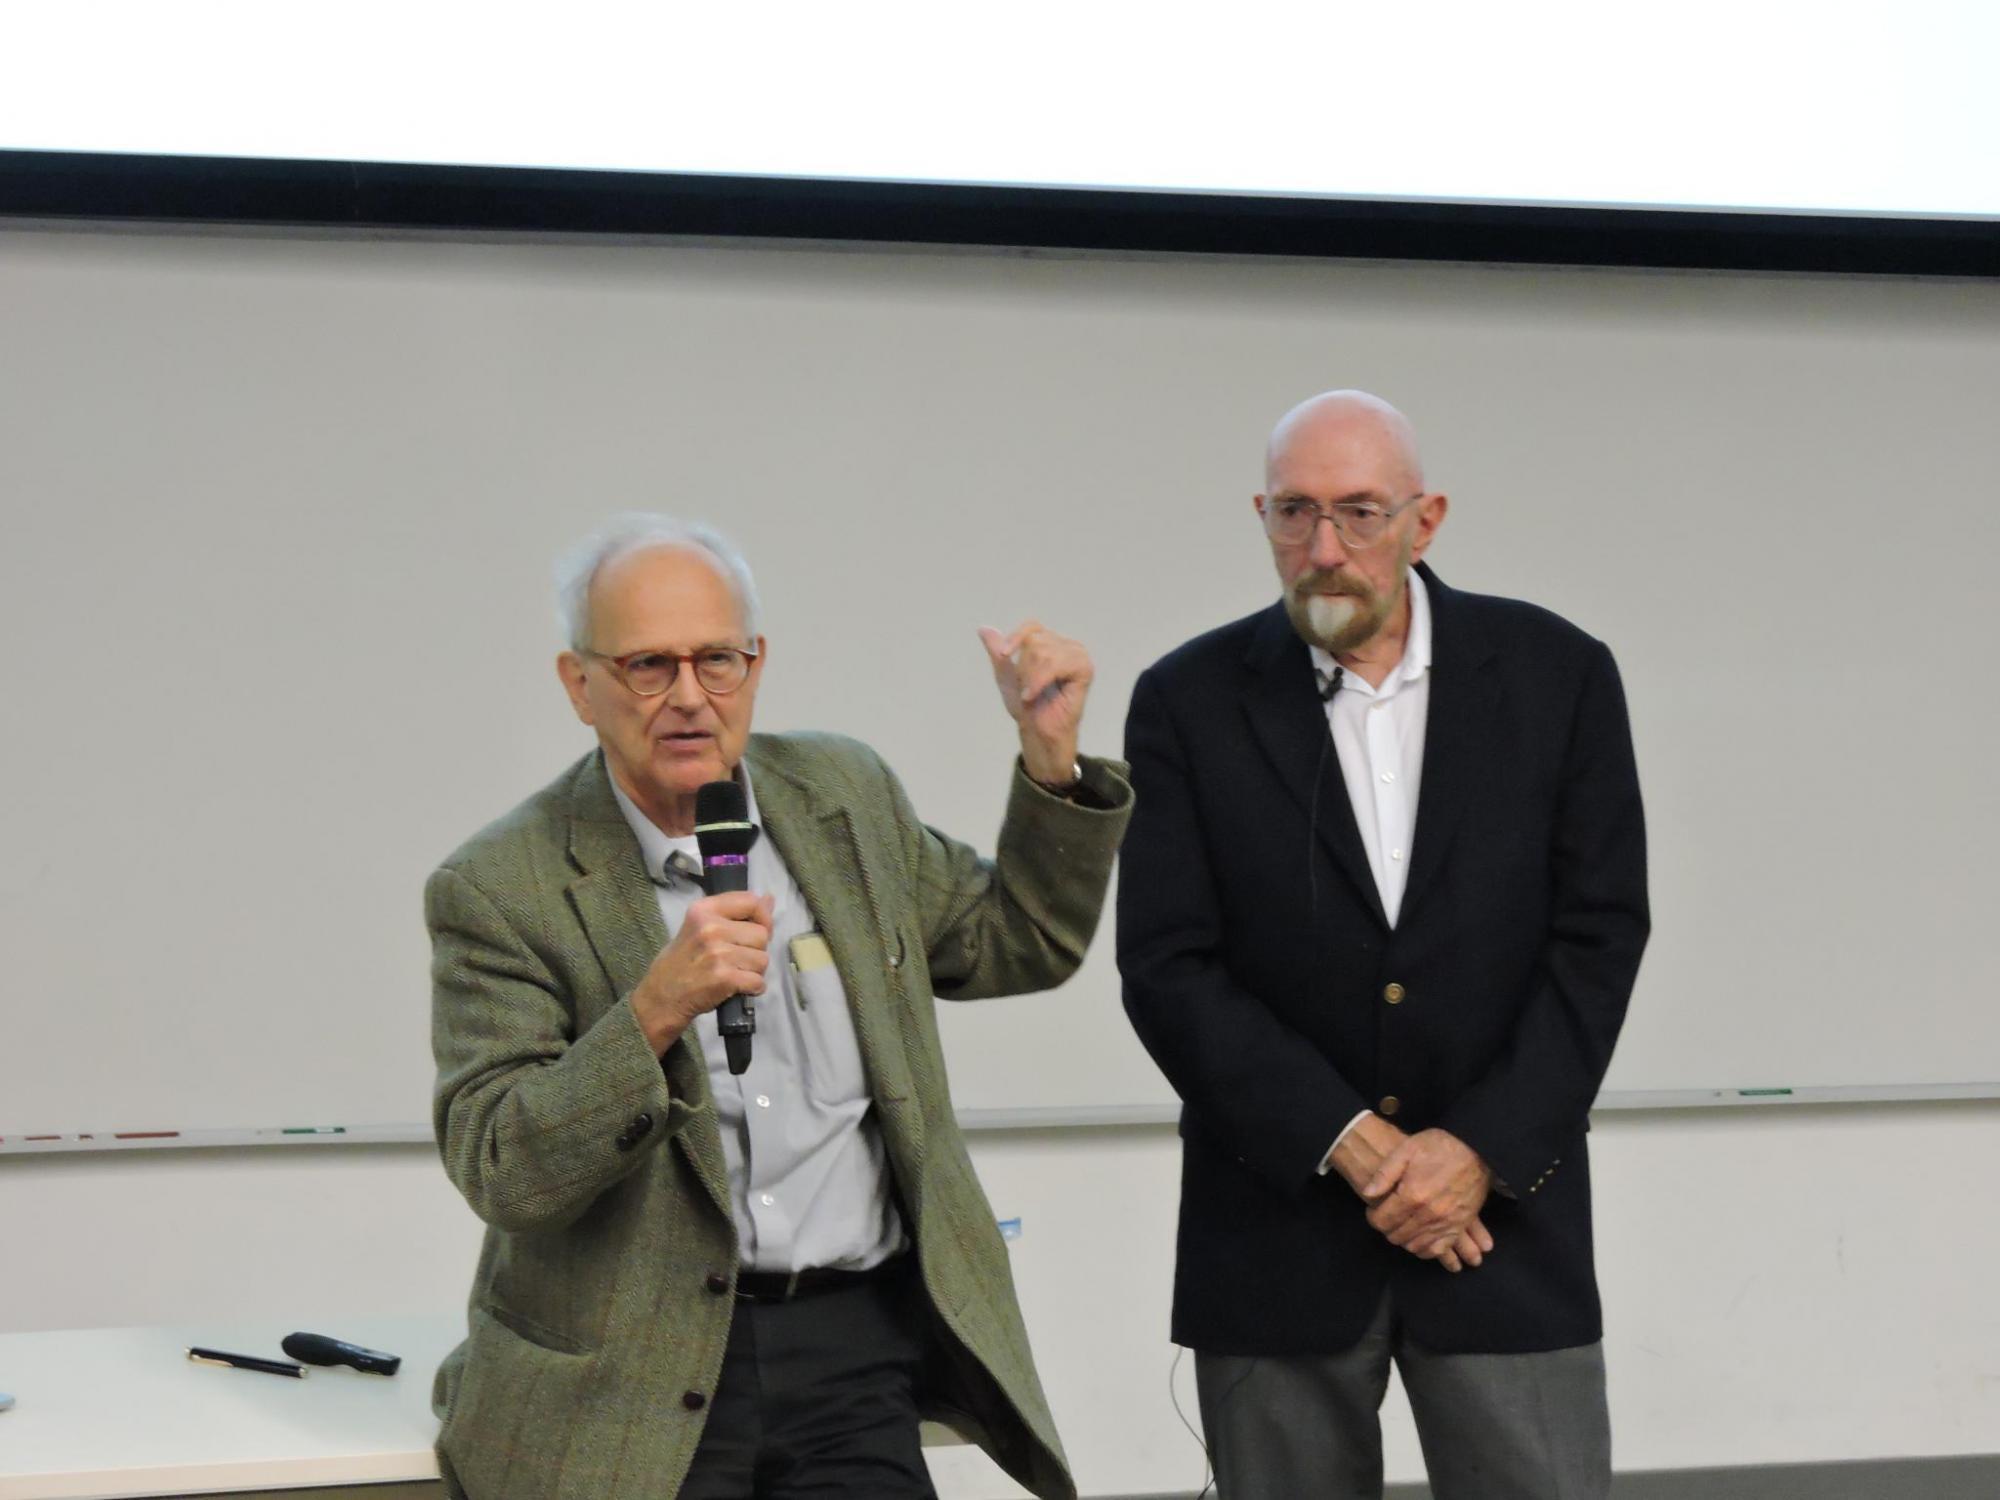 雷納·韋斯教授 (左) 和基普·索恩教授(右) 去年到中大為學生講課。